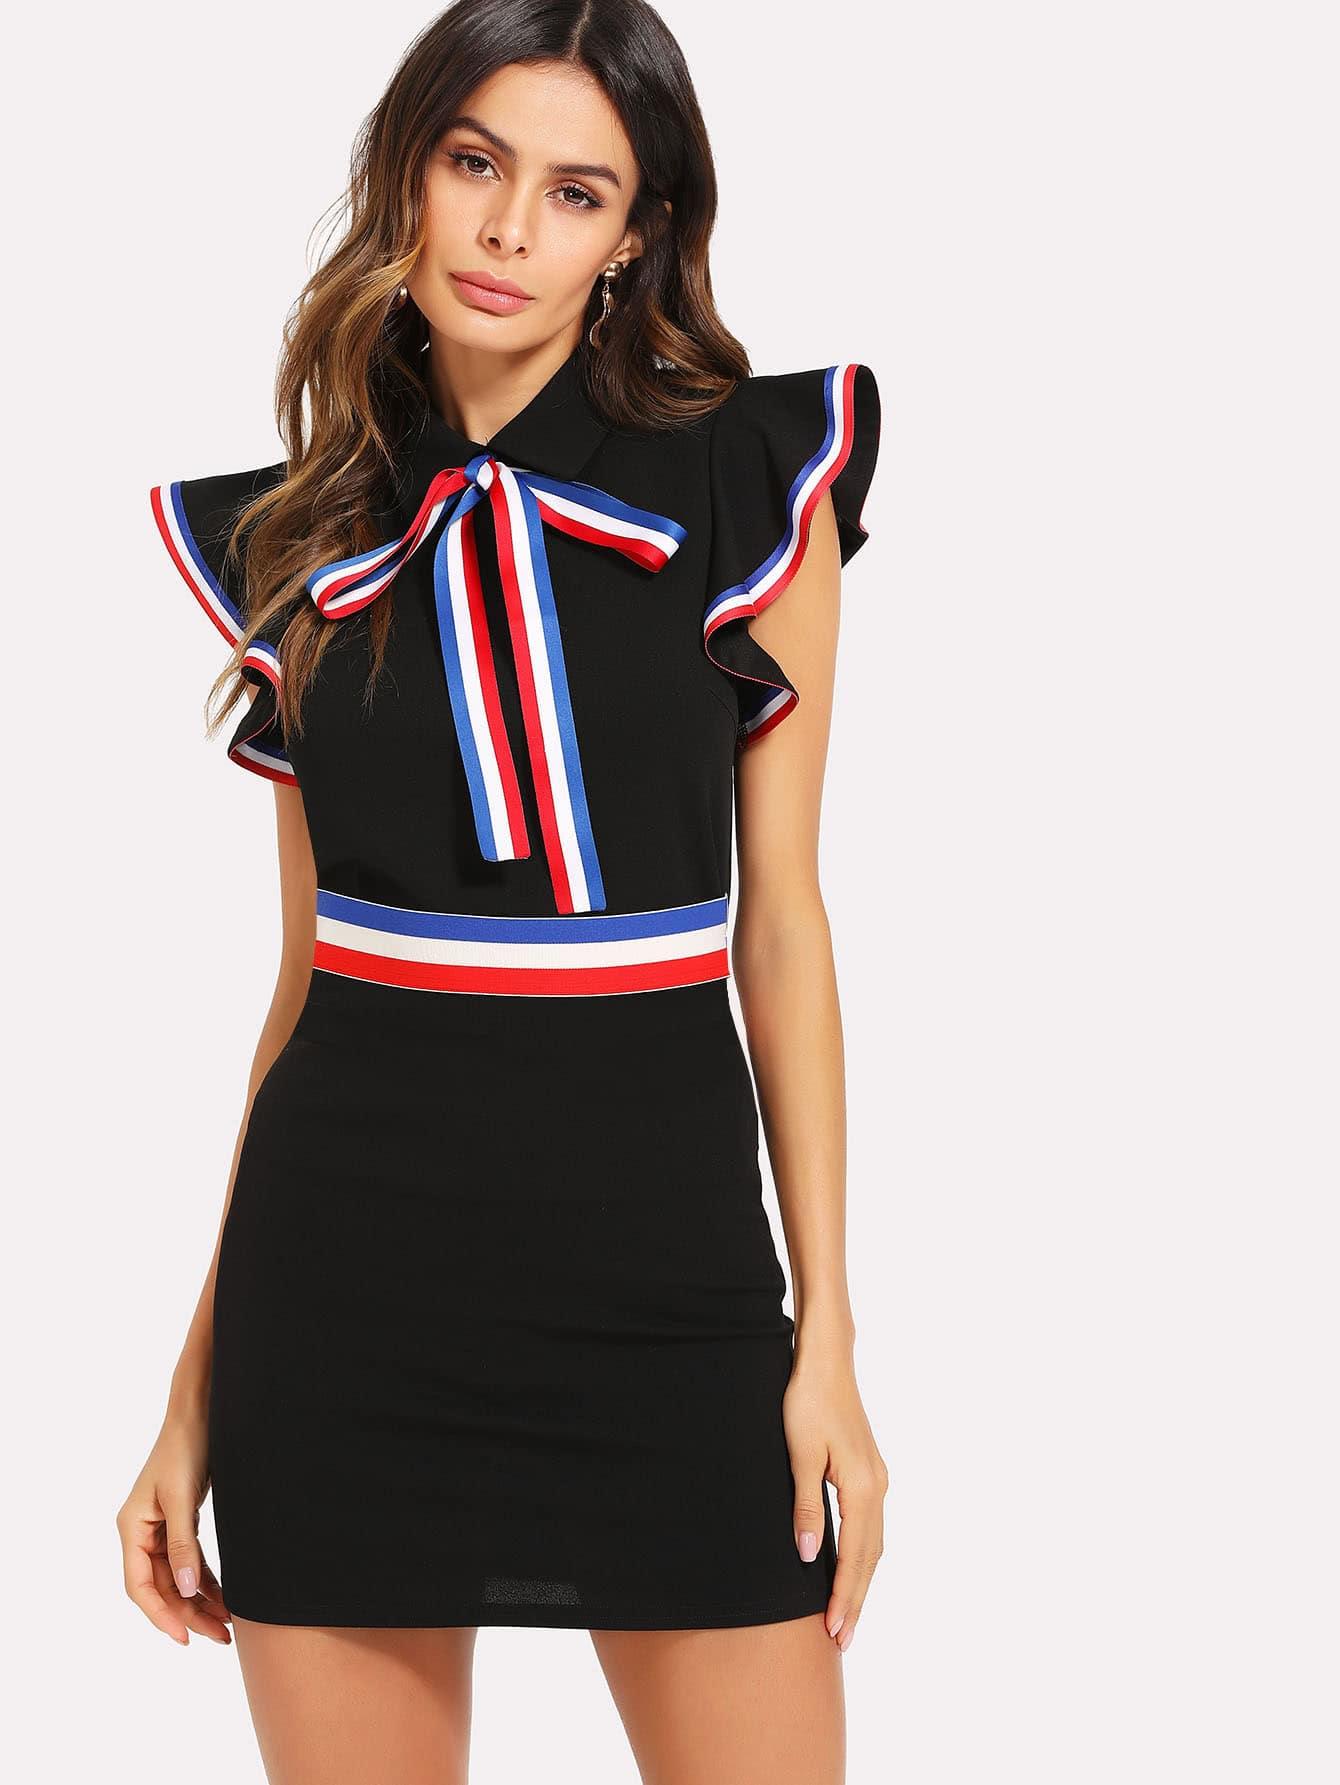 Tie Neck Ruffle Zip Up Top And Skirt Set